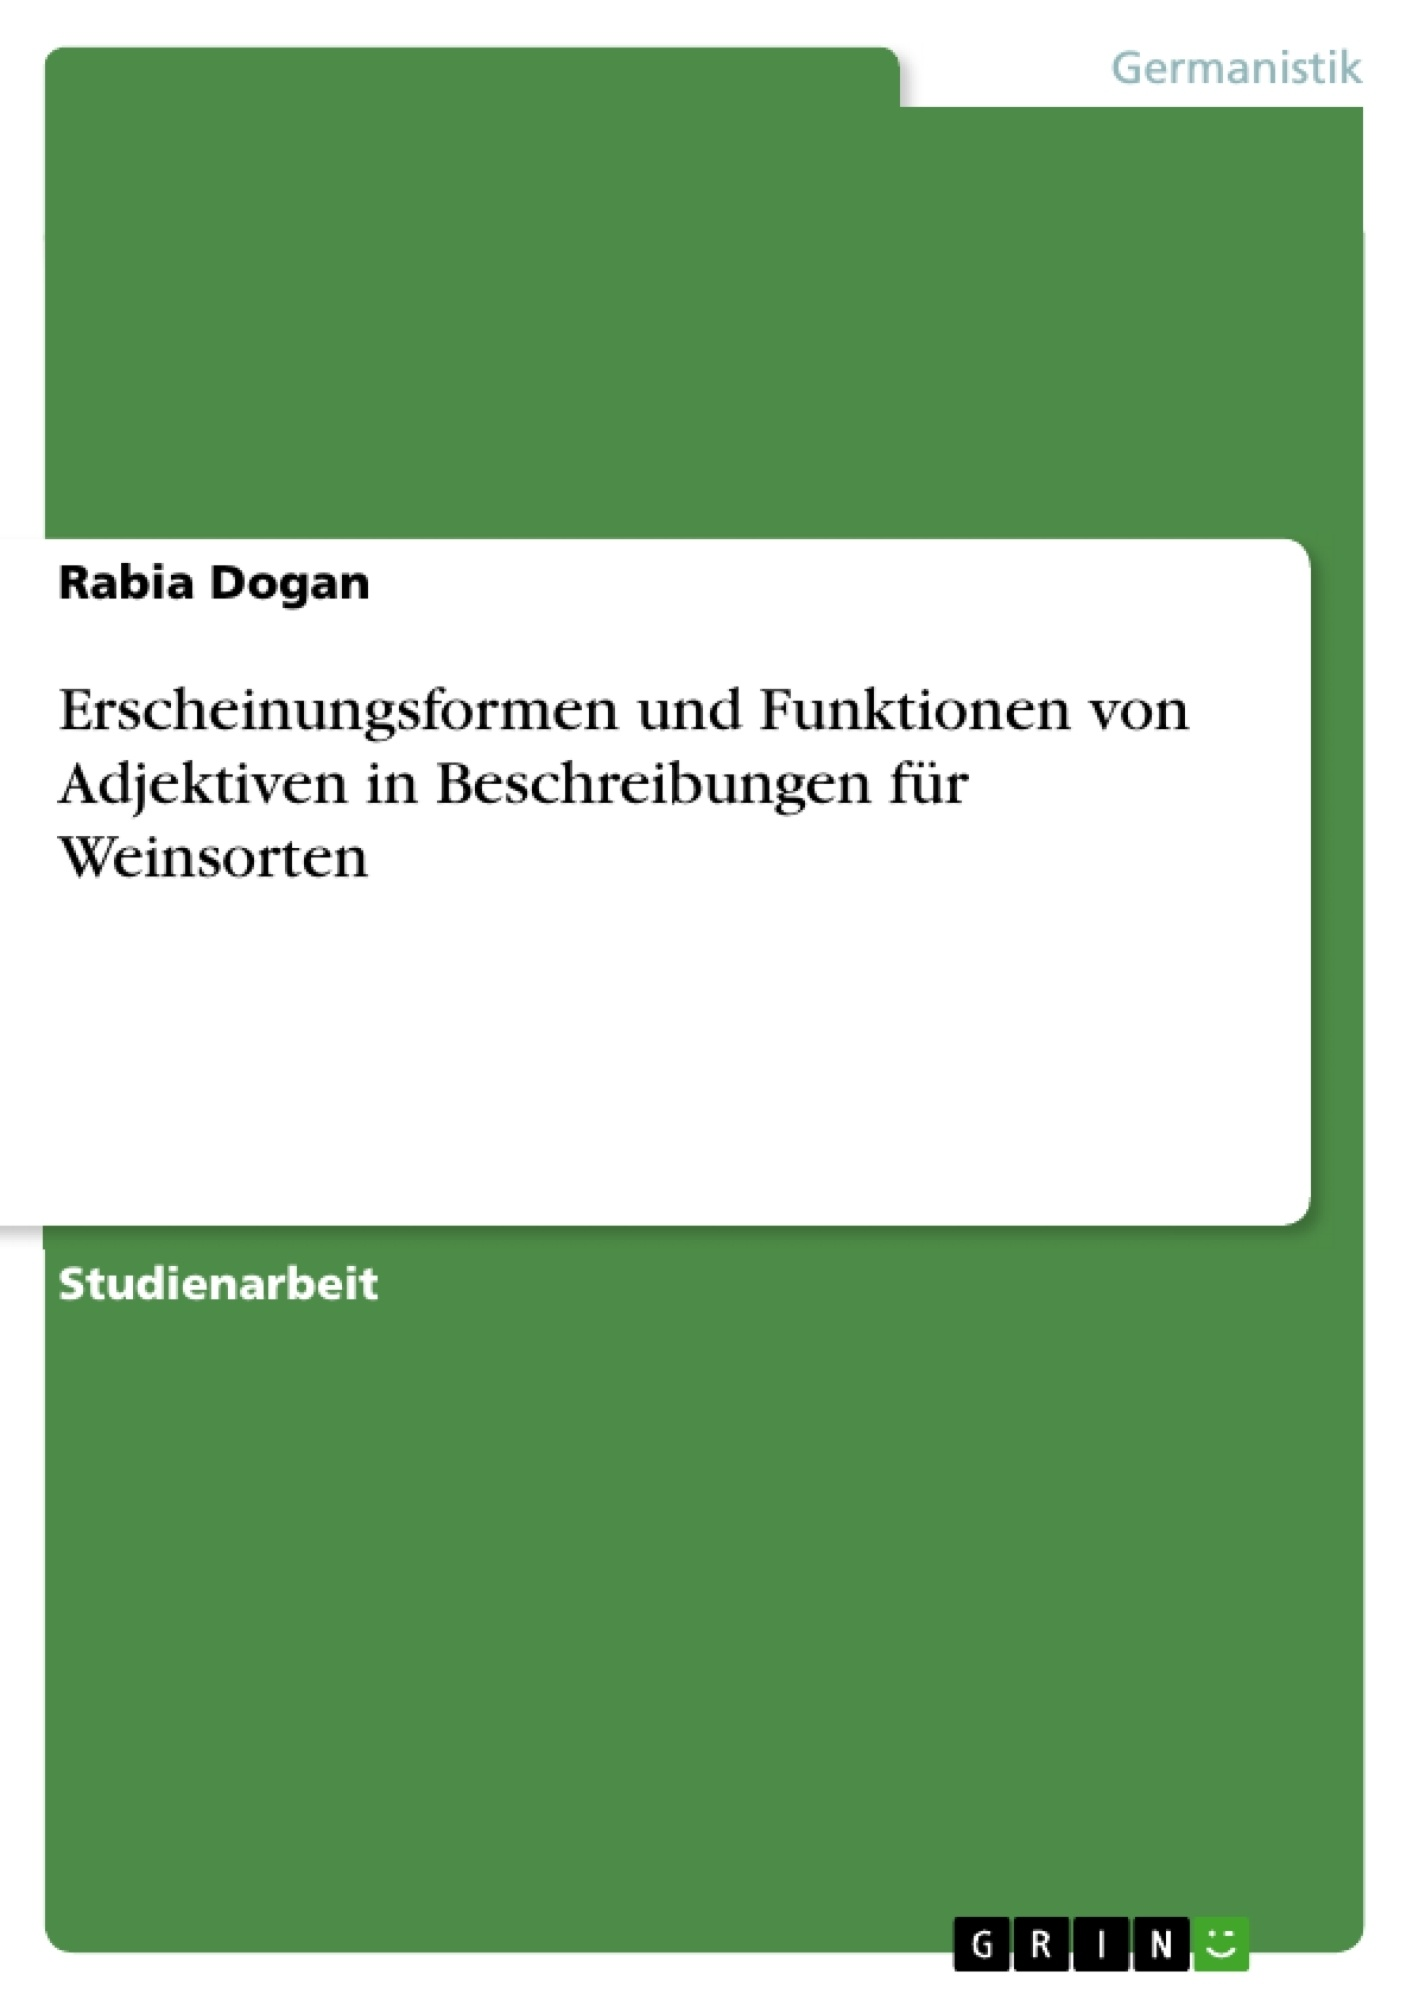 Titel: Erscheinungsformen und Funktionen von Adjektiven in Beschreibungen für Weinsorten